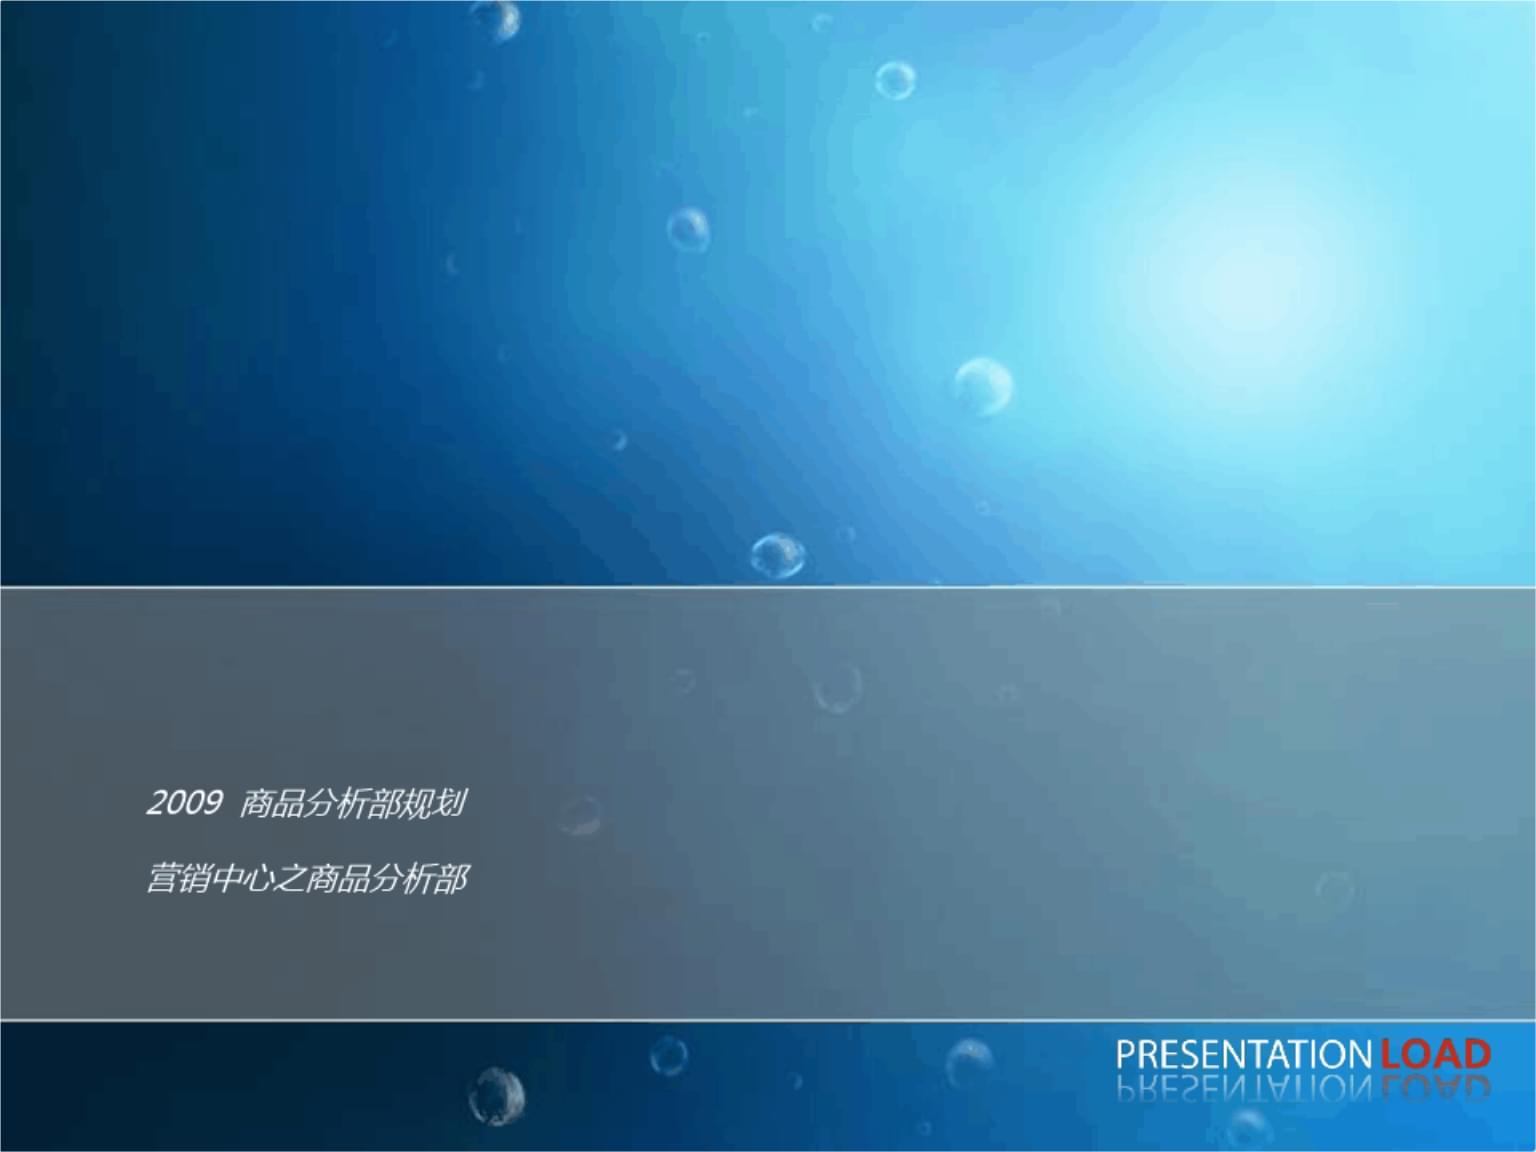 服装商品分析部__年规划.ppt